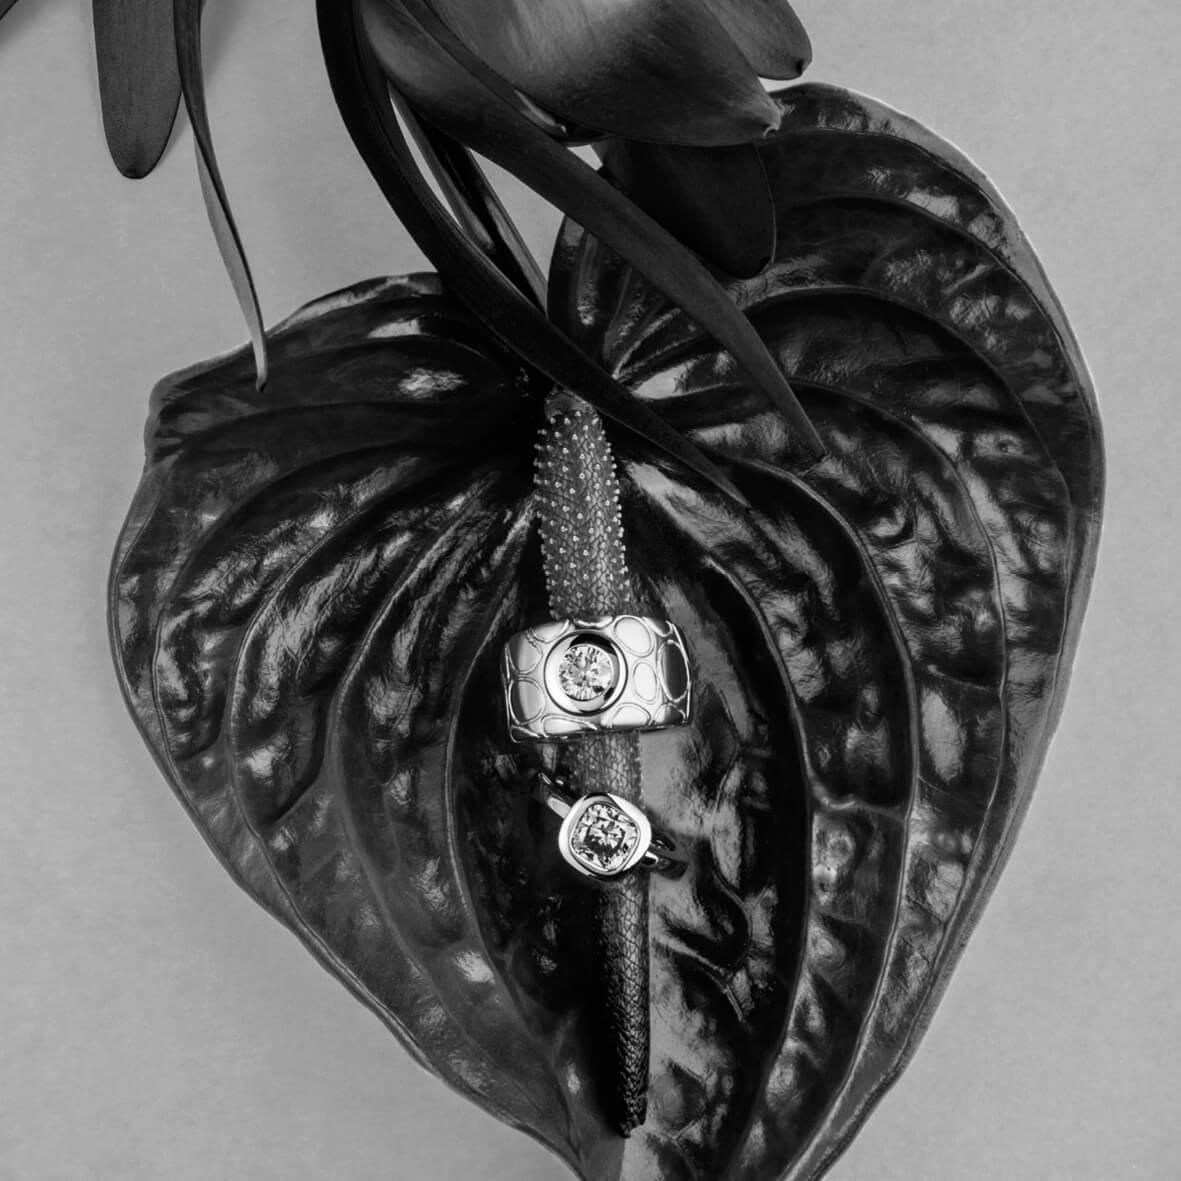 Blume und Ringe - Produktfotografie